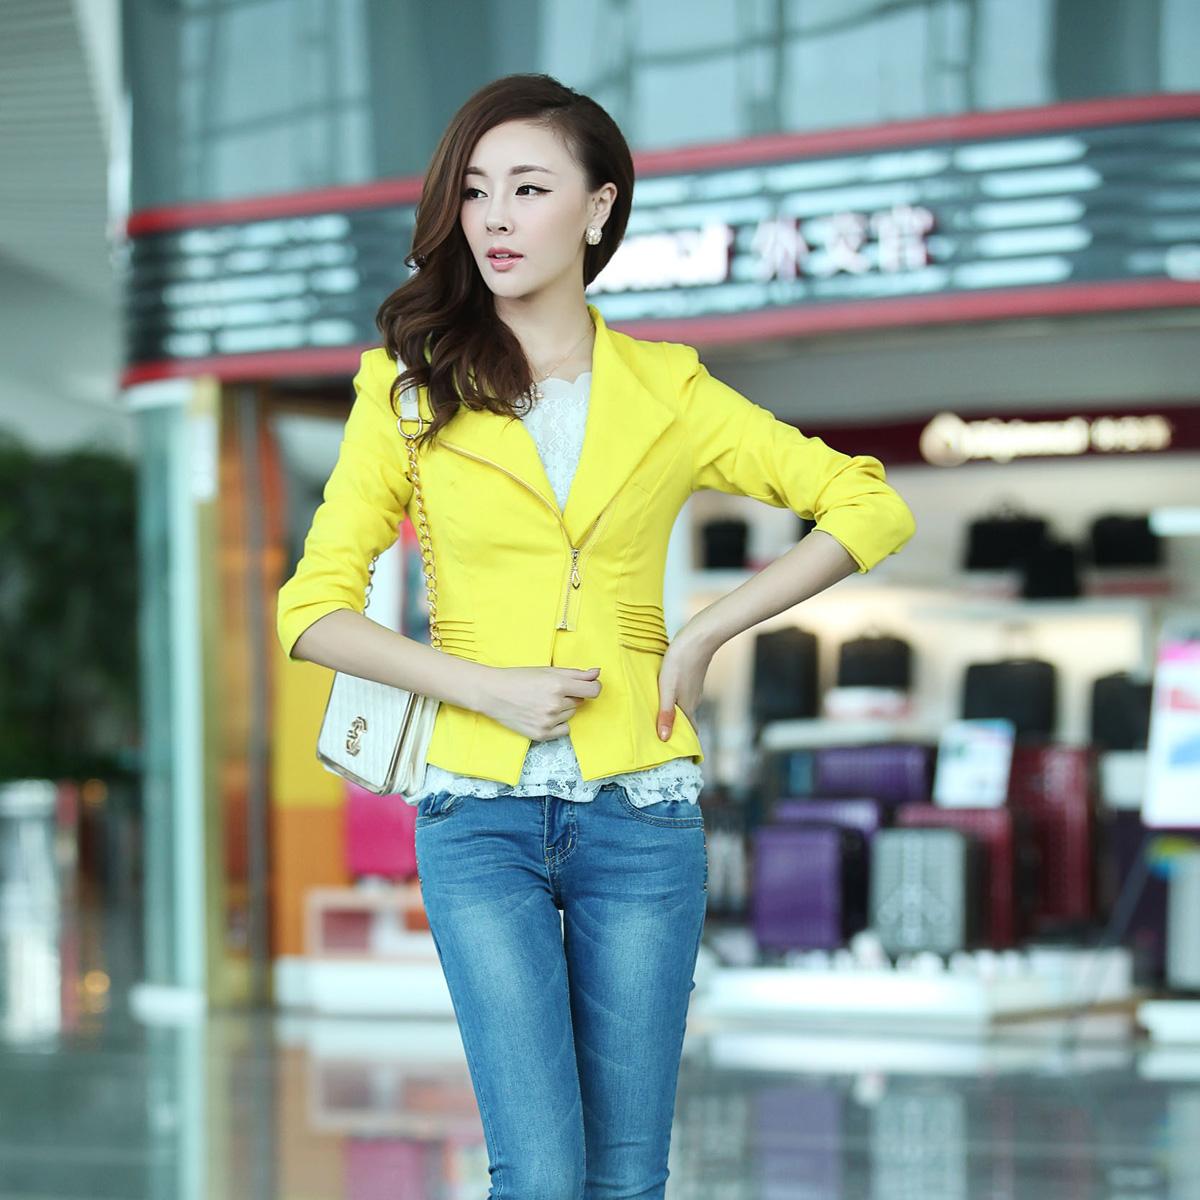 Блэйзер Осень/Зима 2013 положить новый Корейский плечами уникальный вентилятора тонкий костюм на молнии